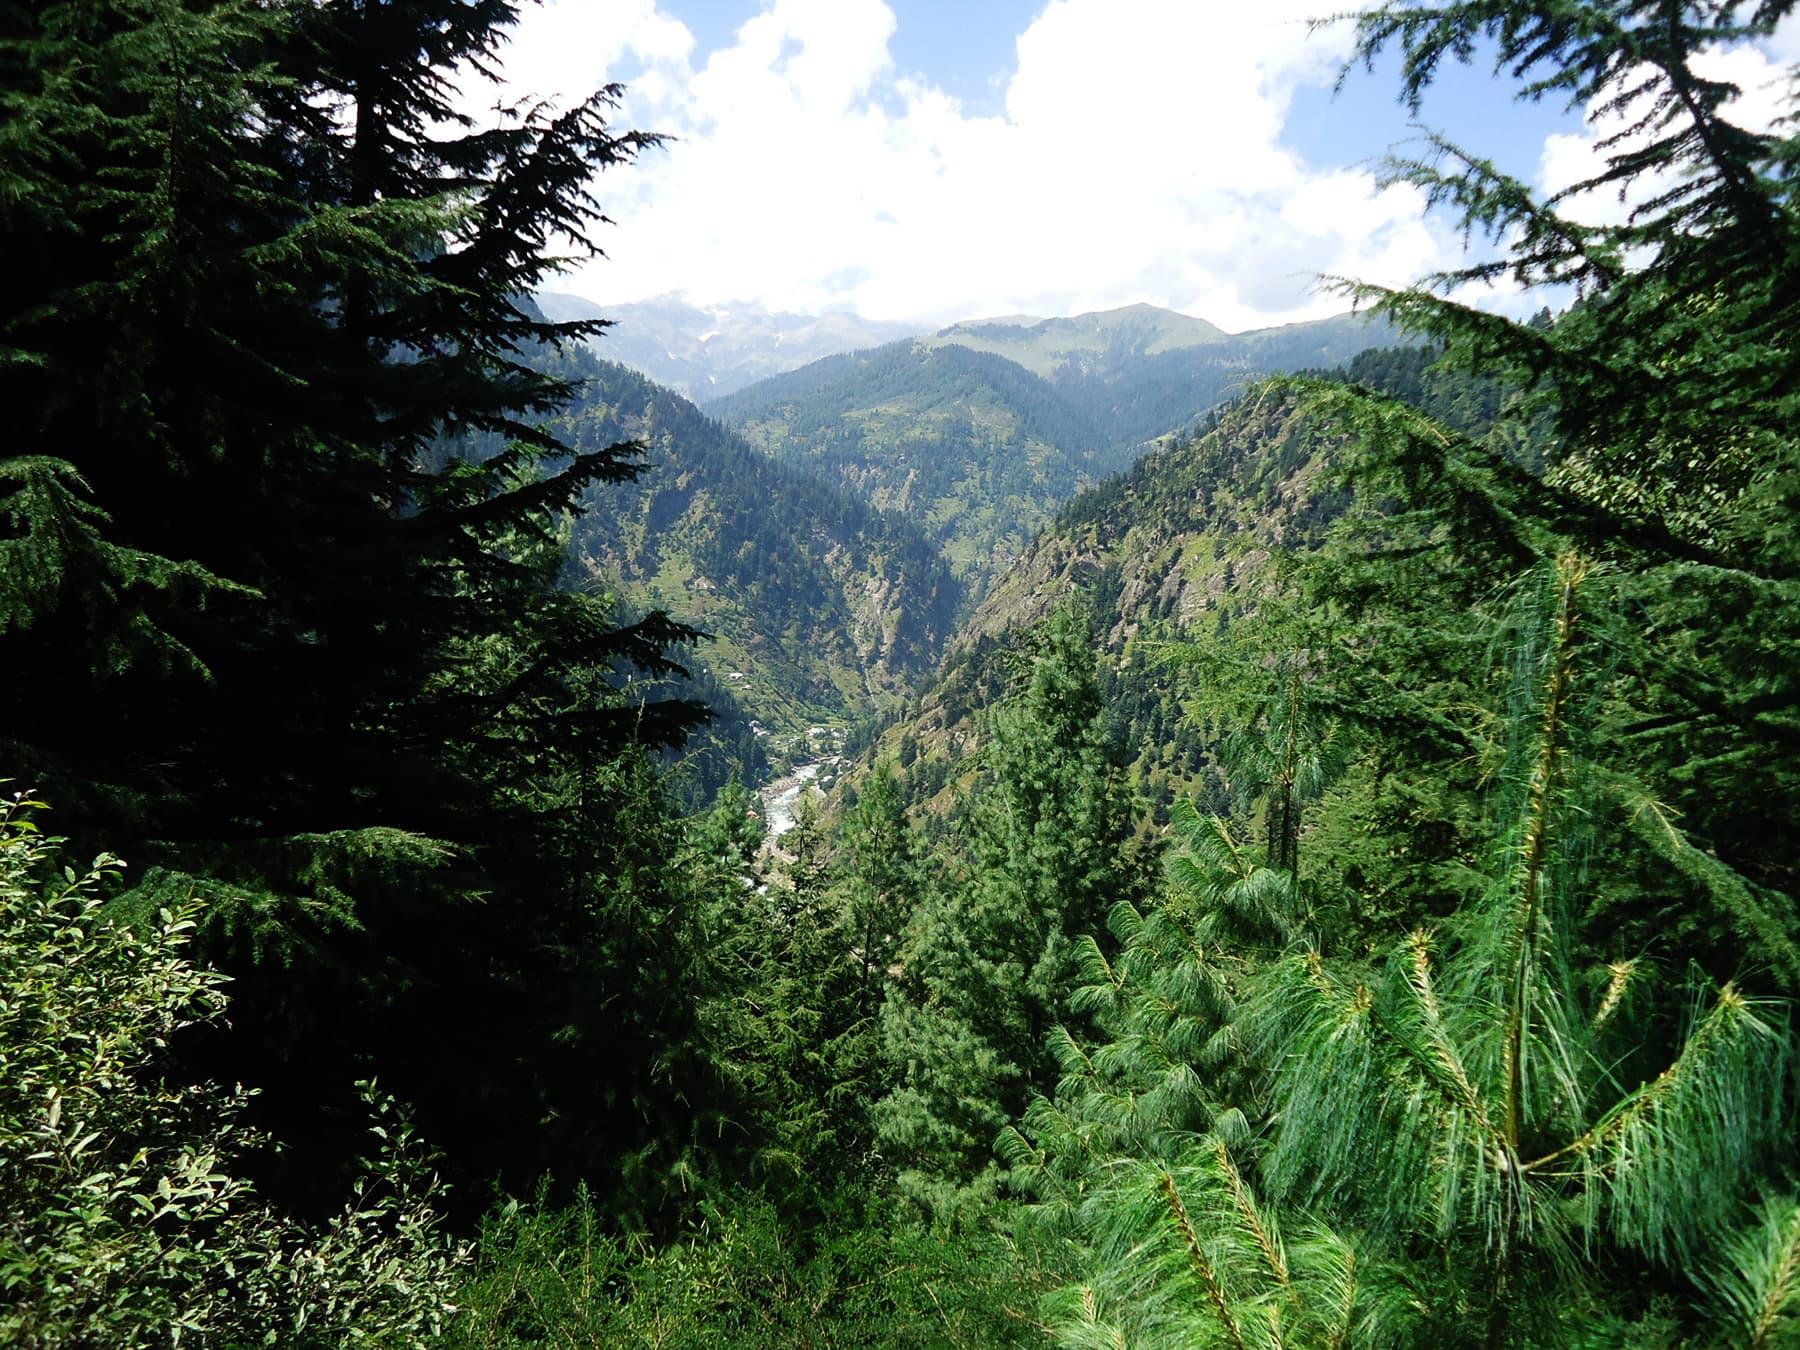 وادئ کاغان کا دوسرا بڑا جنگل کمال بن—تصویر لکھاری